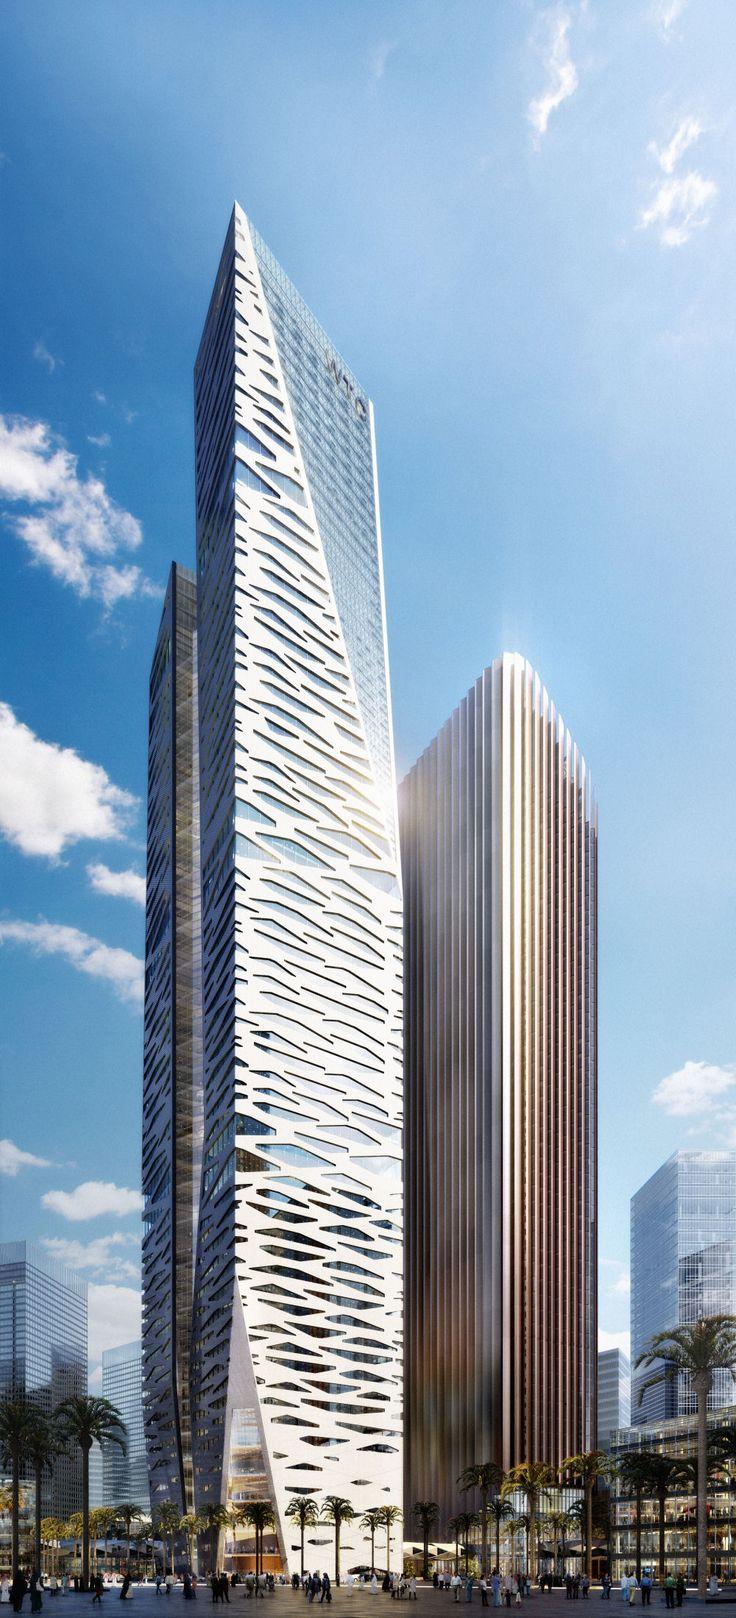 King Abdullah Financial District Parcel Plot 1.15   Gensler - Riyadh, Saudi Arabia